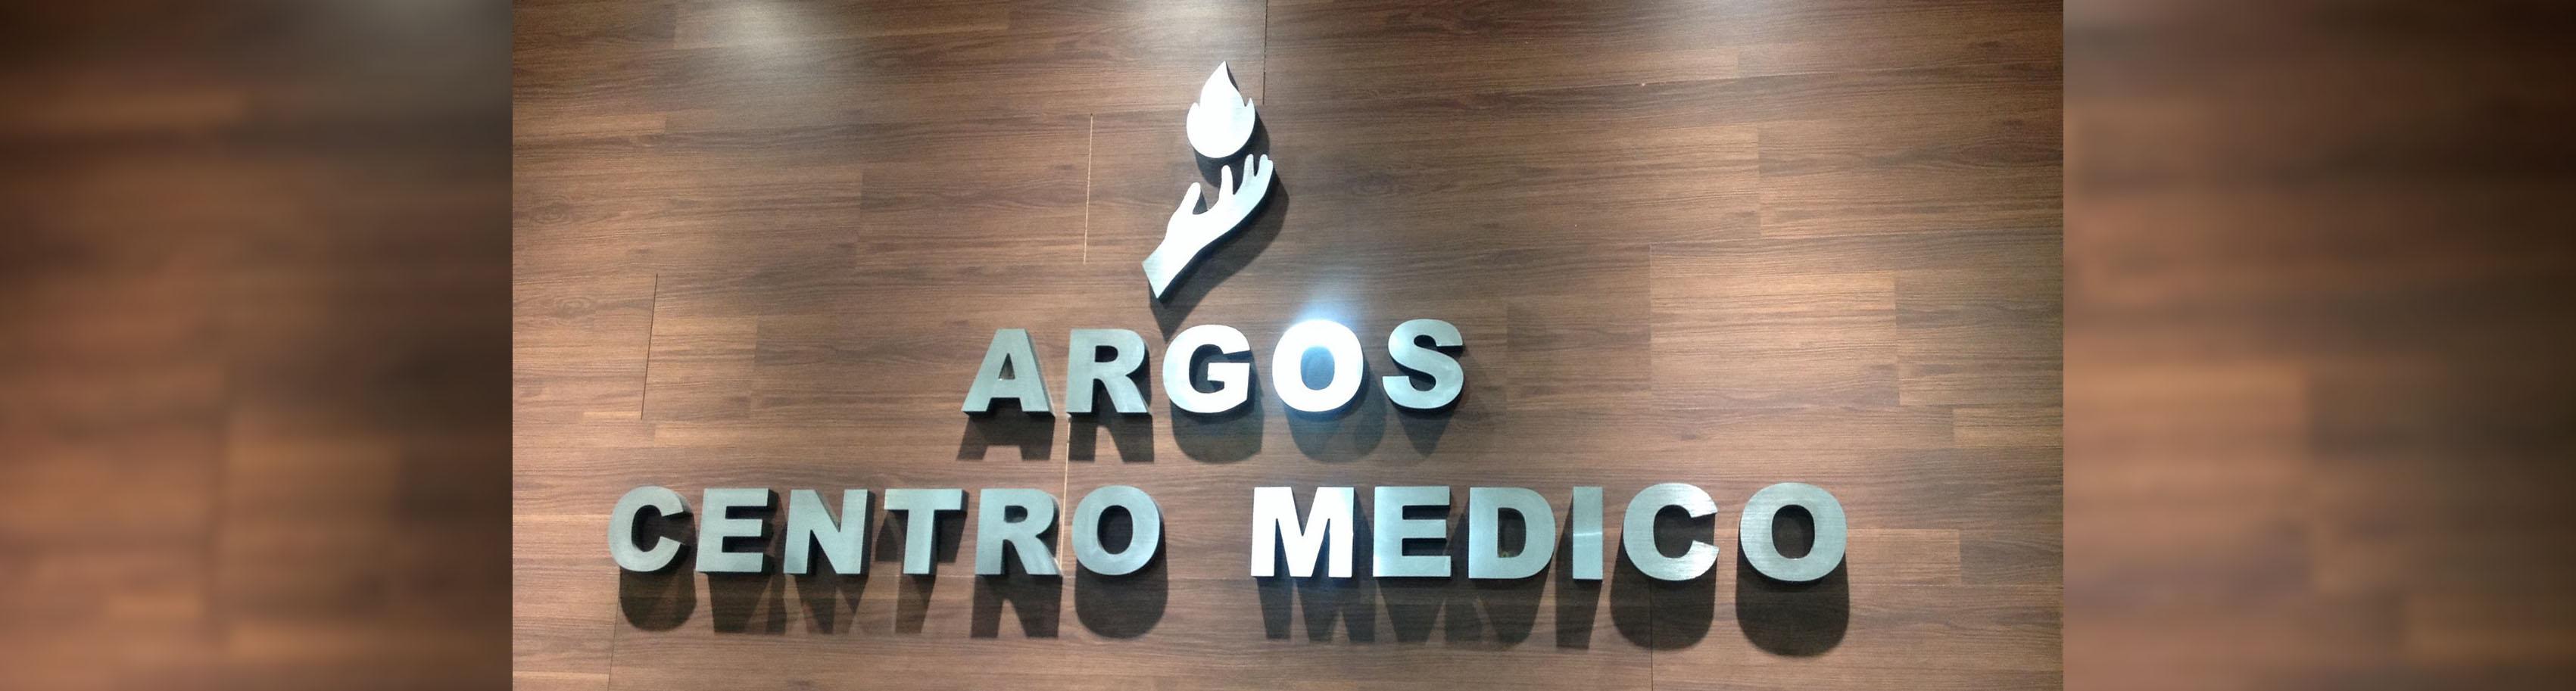 Sumamos nuestro servicio de atención de Cardiología Integral en el Centro Médico ARGOS